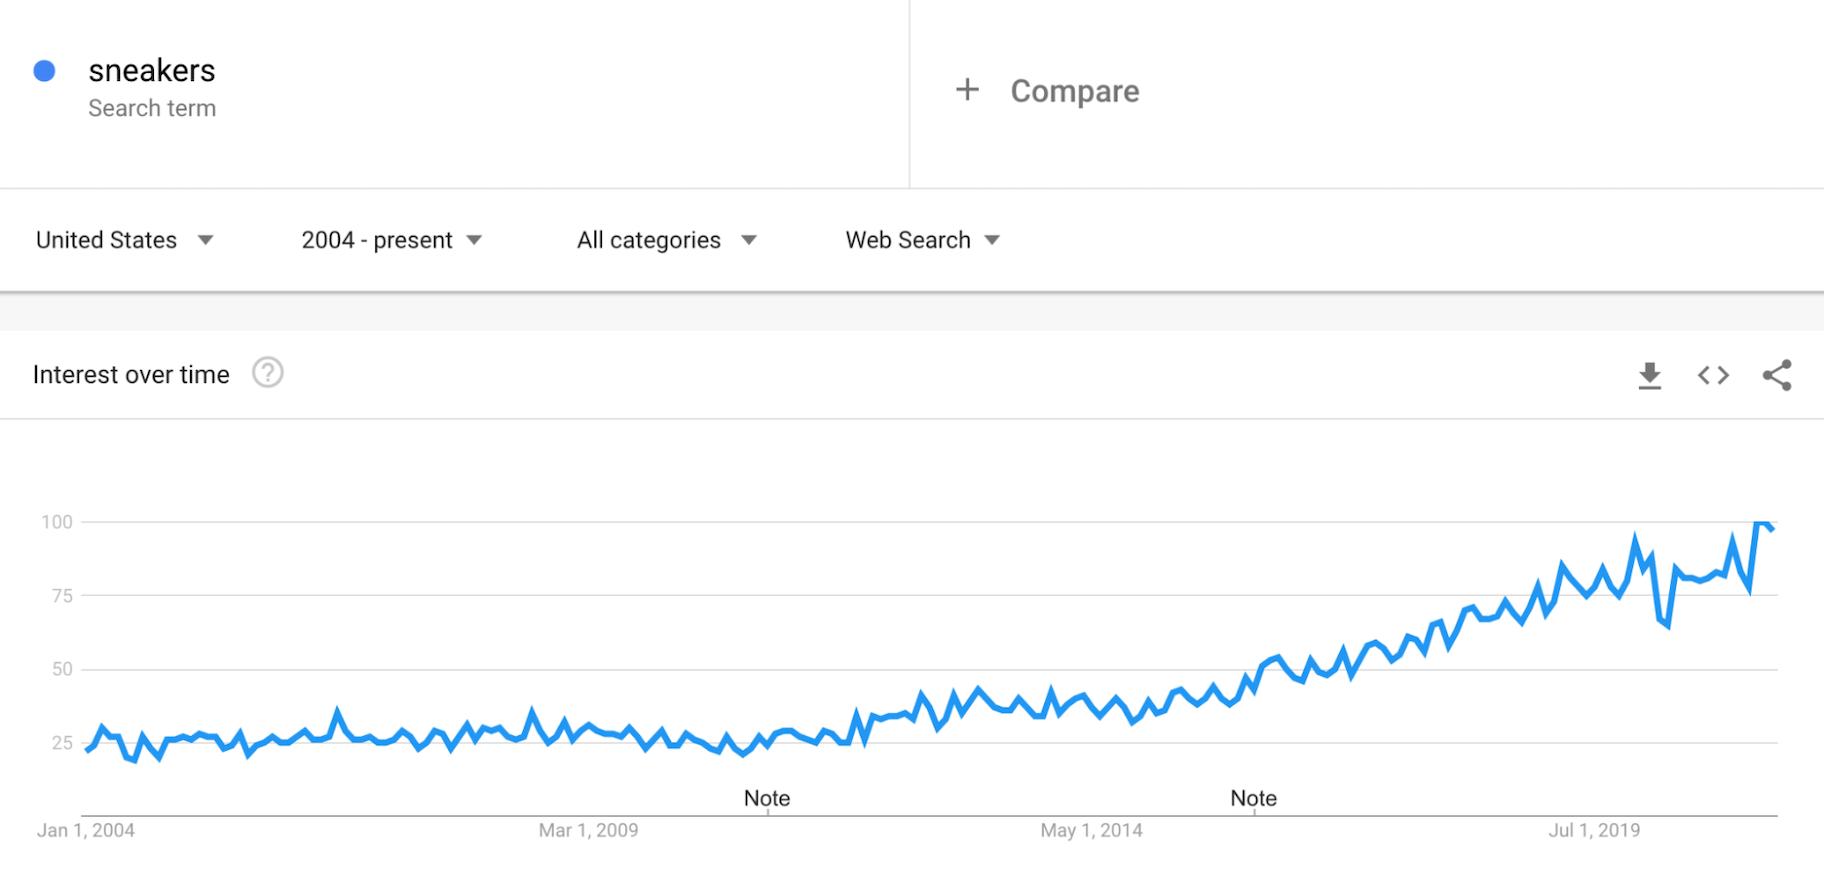 Google Trends: Sneakers